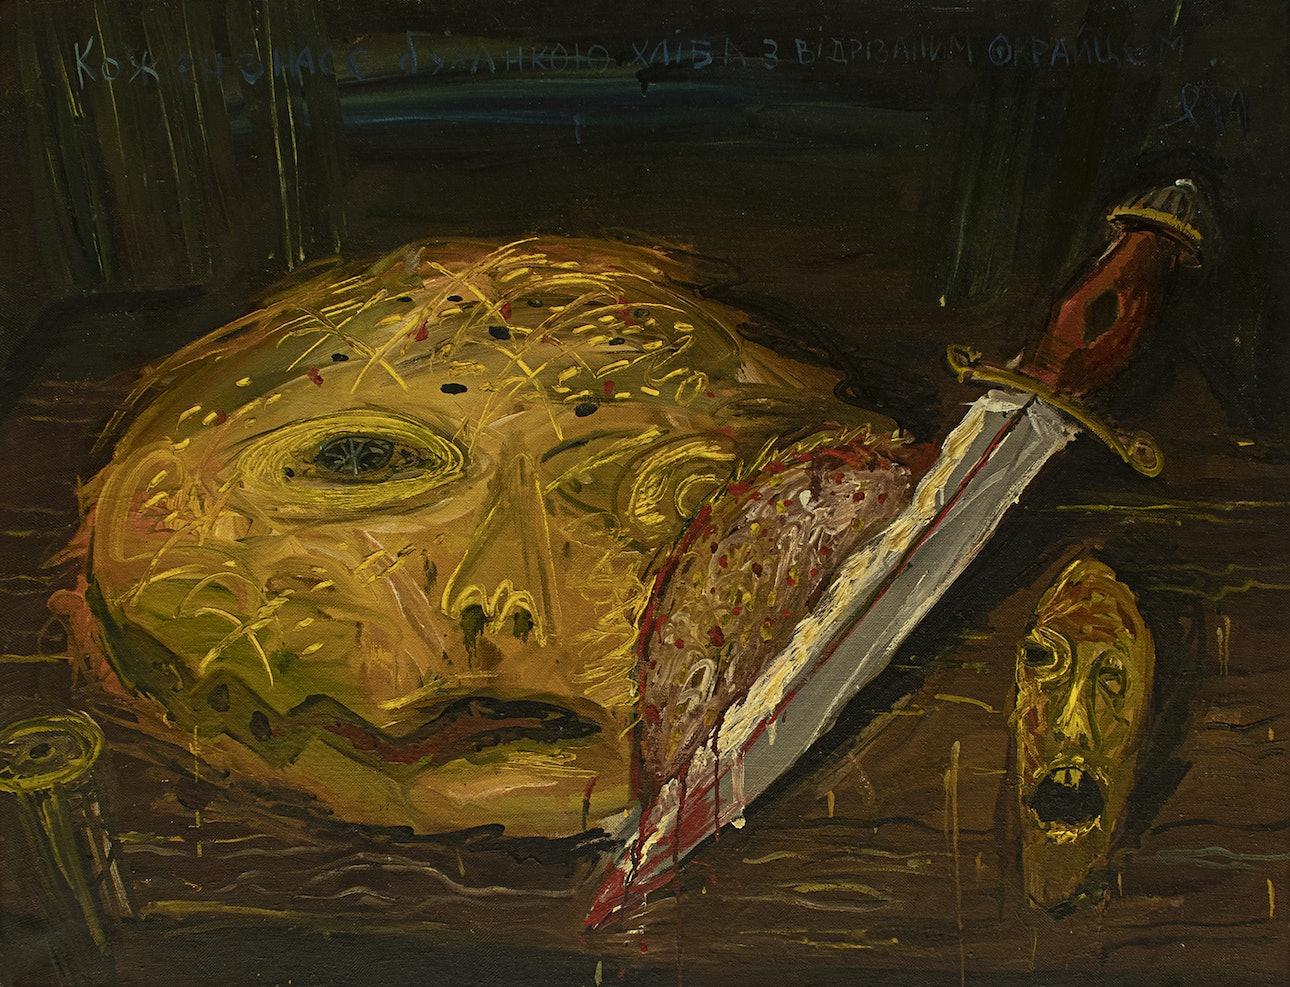 Каждый из нас - буханка хлеба с отрезанным куском. 1989